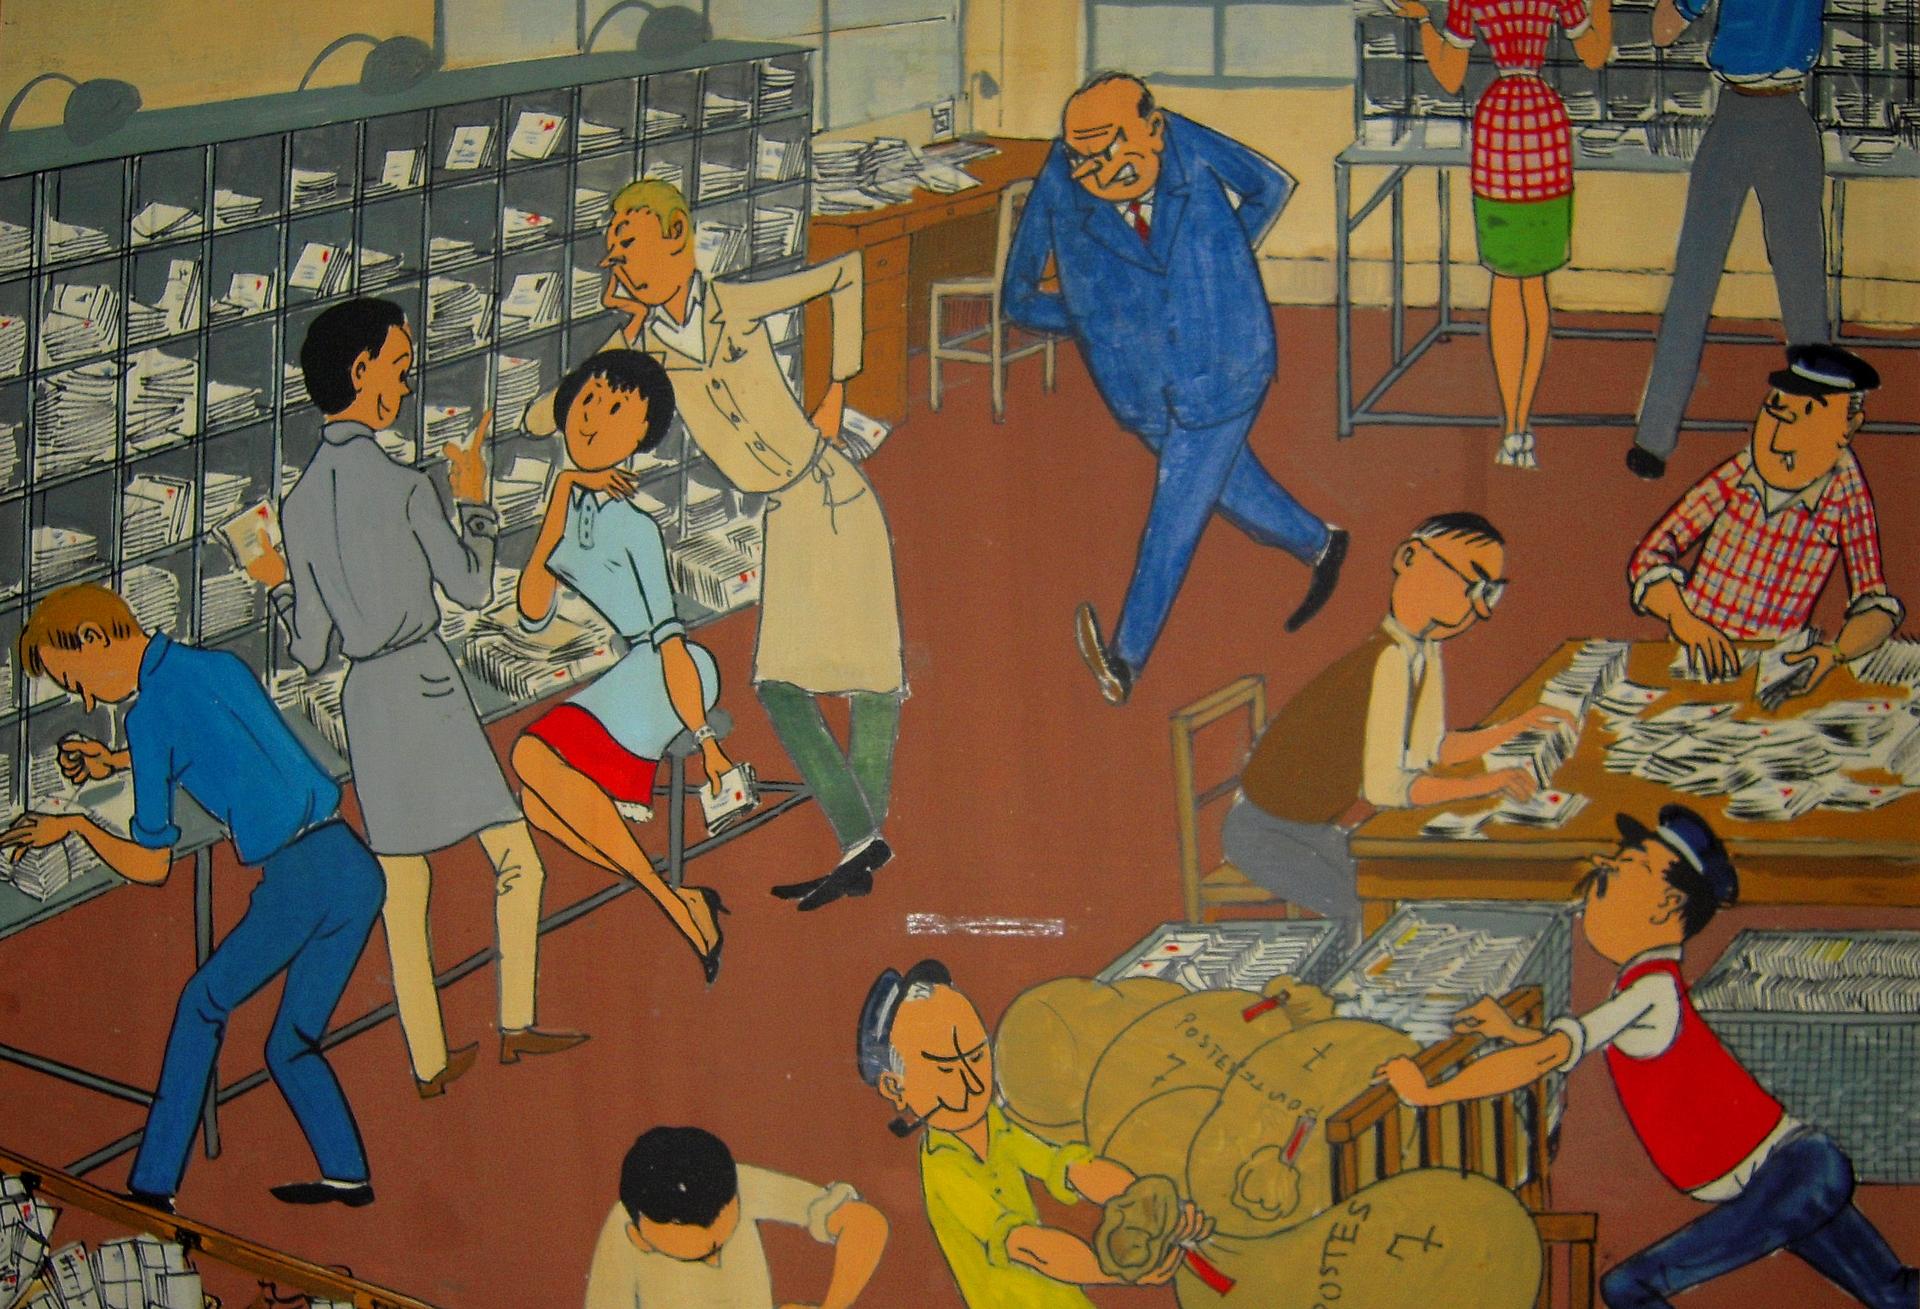 200329 - Les Postiers dessin humoristique situé à la poste du Louvre by Marcel Collin photographié par Patrick Janicek CC BY 2.0 - La Déviation